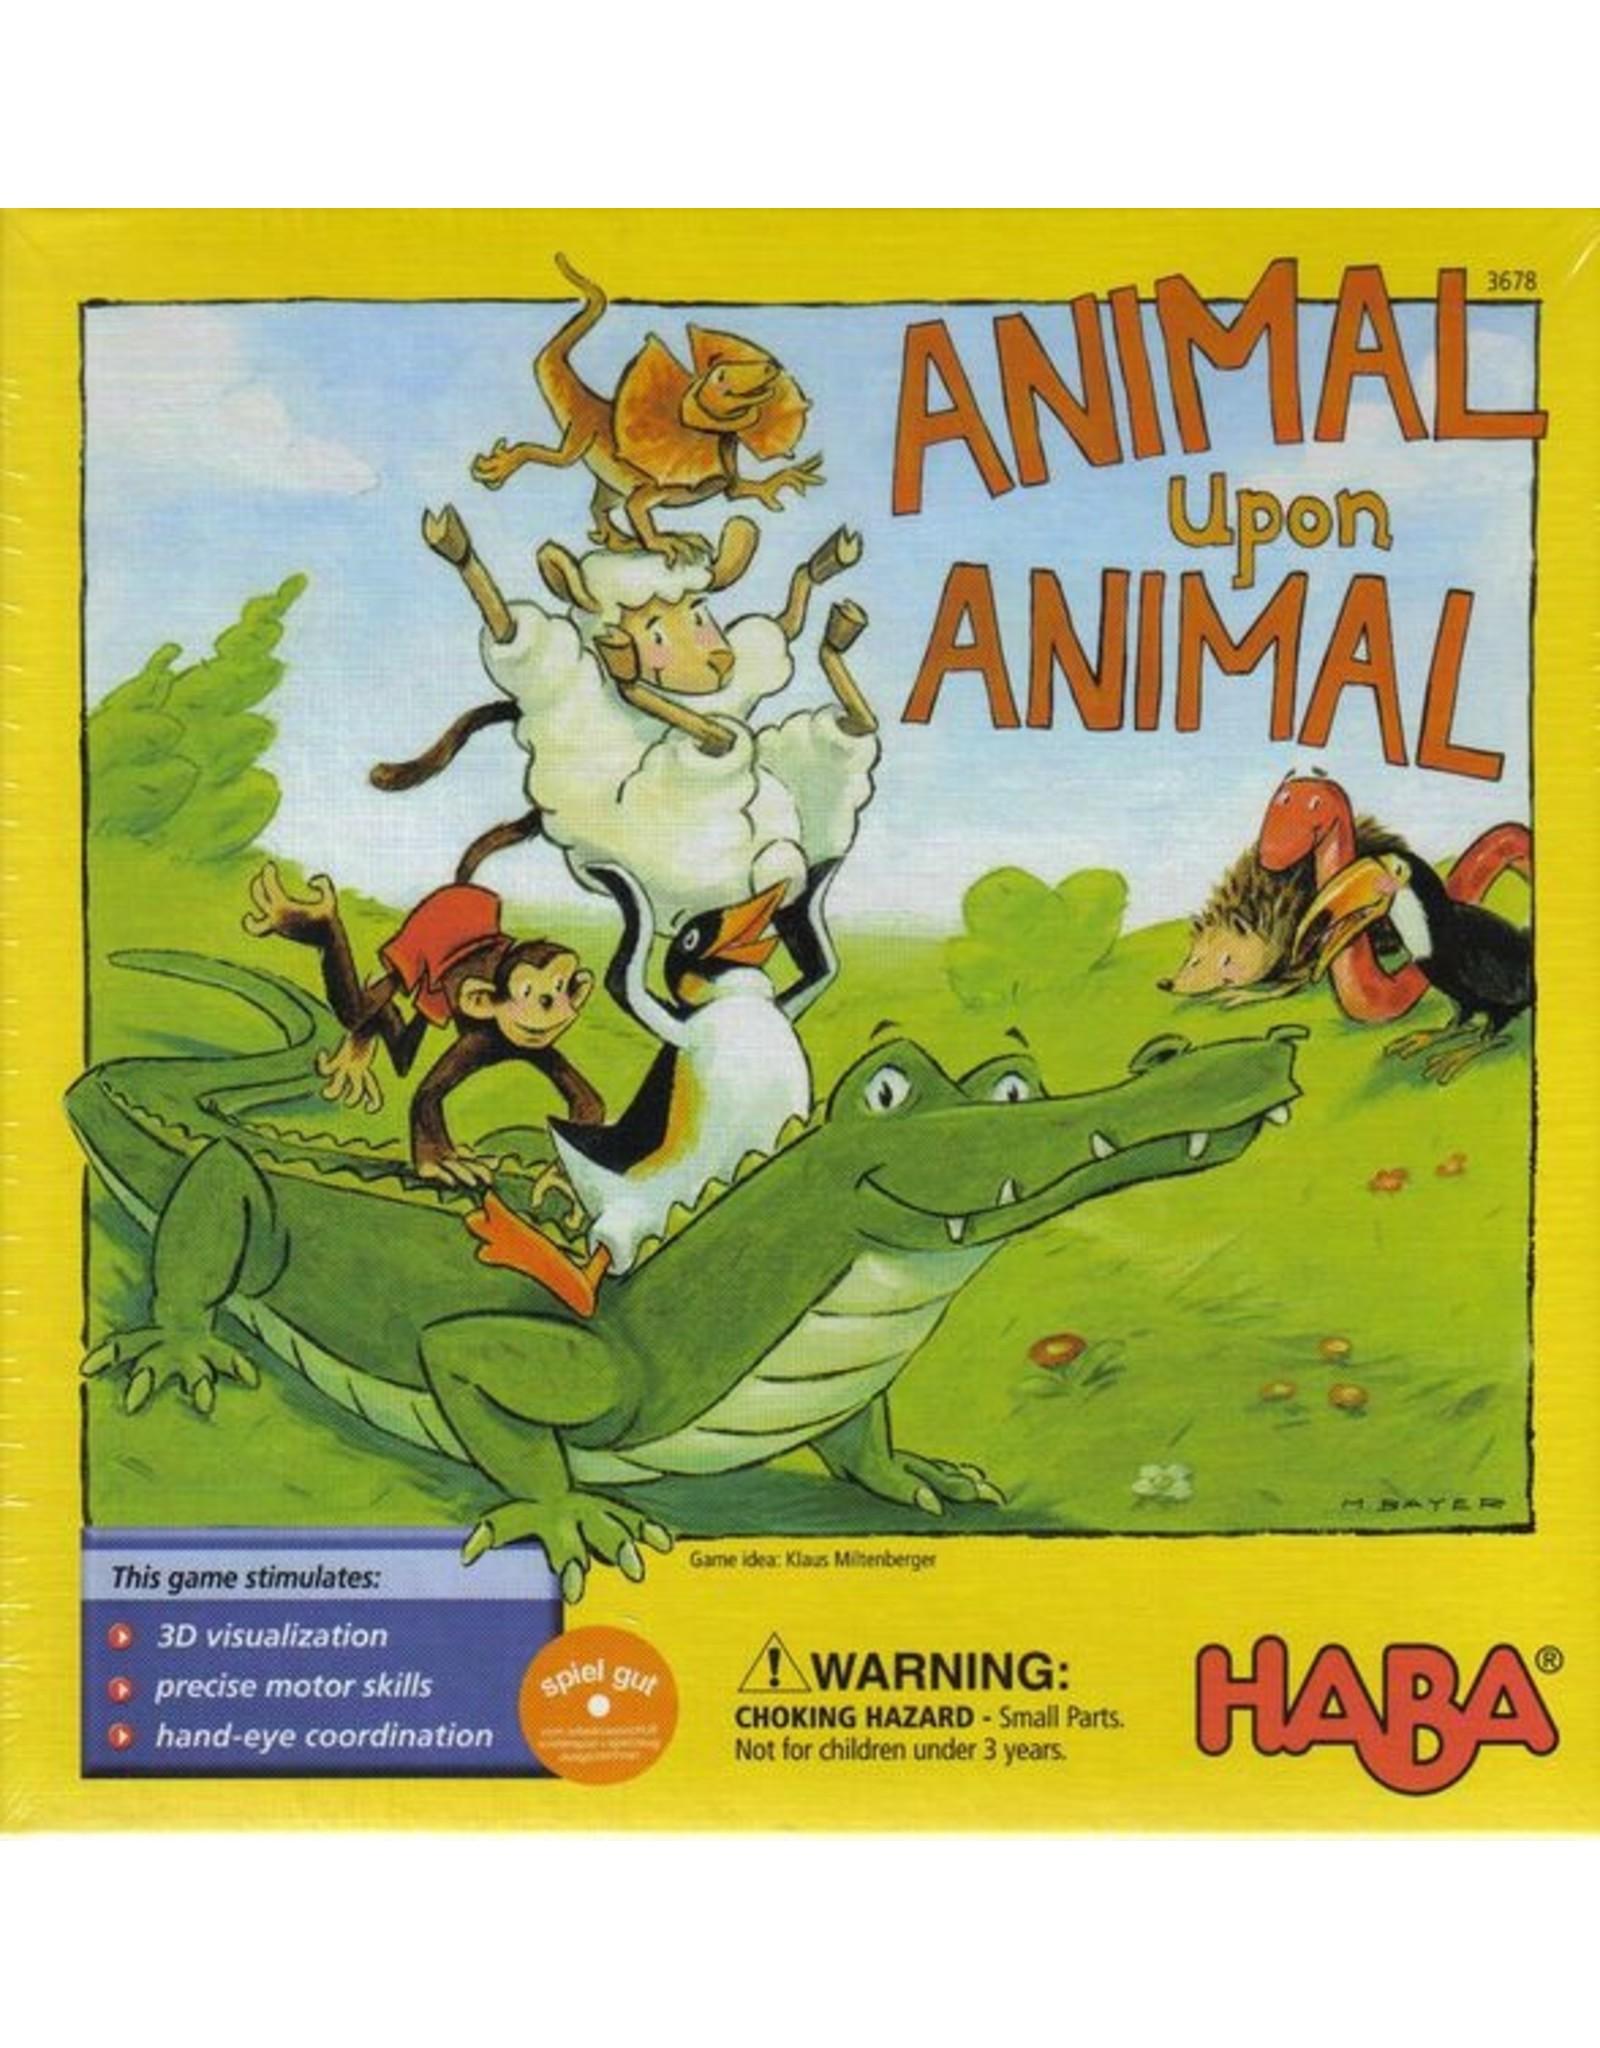 HABA GAMES ANIMAL UPON ANIMAL